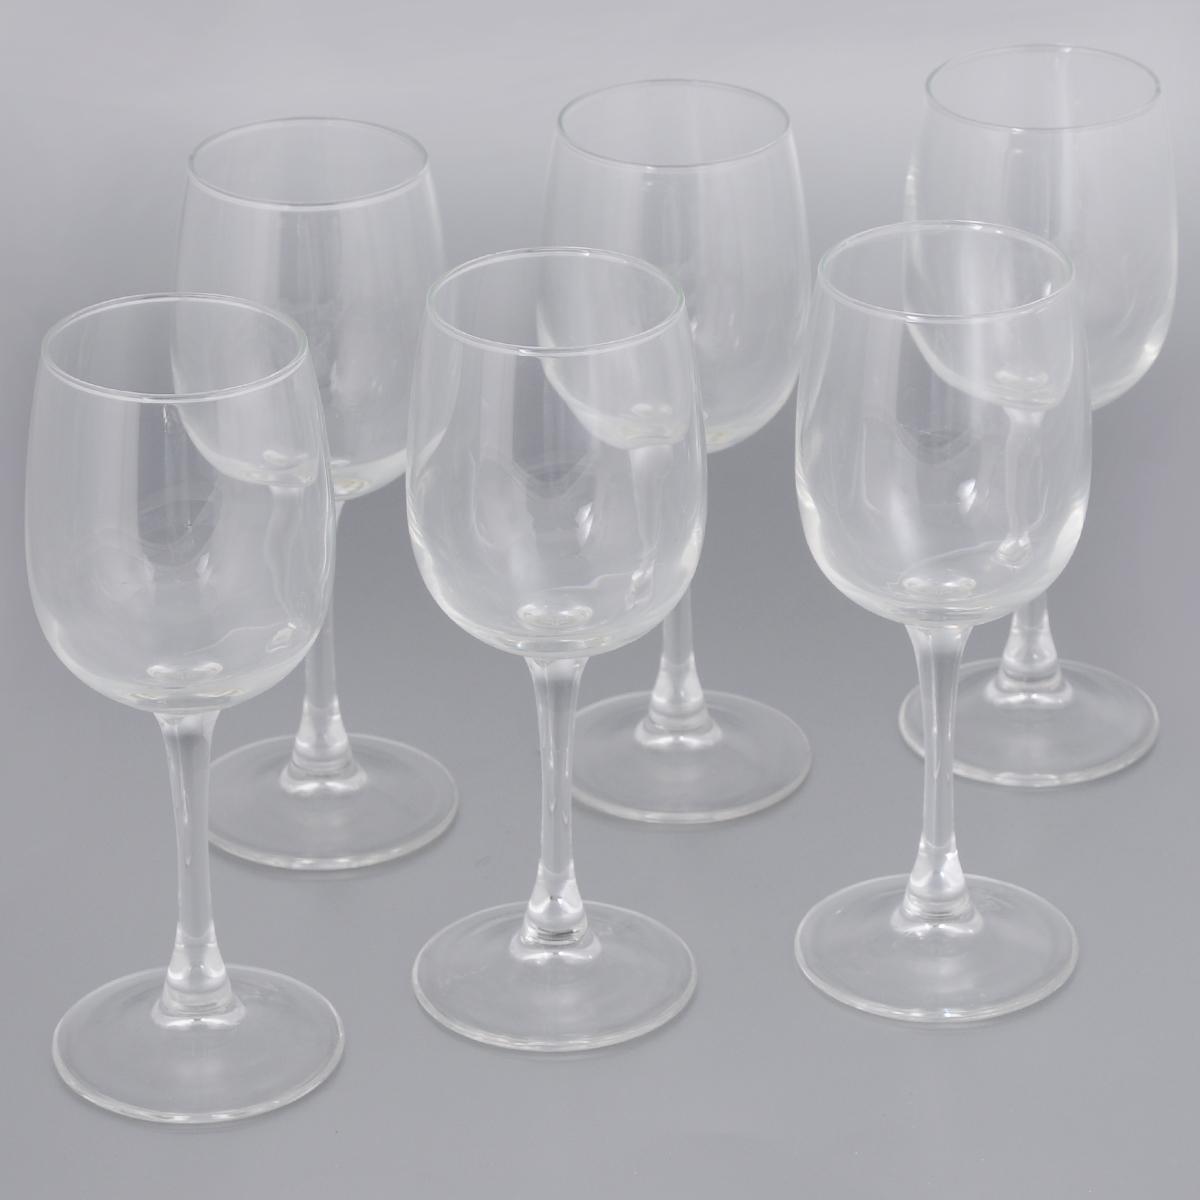 Набор фужеров для вина Luminarc Allegresse, 230 мл, 6 штVT-1520(SR)Набор Luminarc Allegresse состоит из 6 классических фужеров, выполненных из прочного натрий-кальций-силикатного стекла. Изделия оснащены высокими тонкими ножками и предназначены для подачи вина. Они сочетают в себе элегантный дизайн и функциональность. Благодаря такому набору пить напитки будет еще вкуснее.Набор фужеров Luminarc Allegresse прекрасно оформит праздничный стол и создаст приятную атмосферу за романтическим ужином. Такой набор также станет хорошим подарком к любому случаю.Можно мыть в посудомоечной машине.Диаметр фужера (по верхнему краю): 5,8 см. Высота фужера: 18,2 см.Диаметр основания: 7 см.